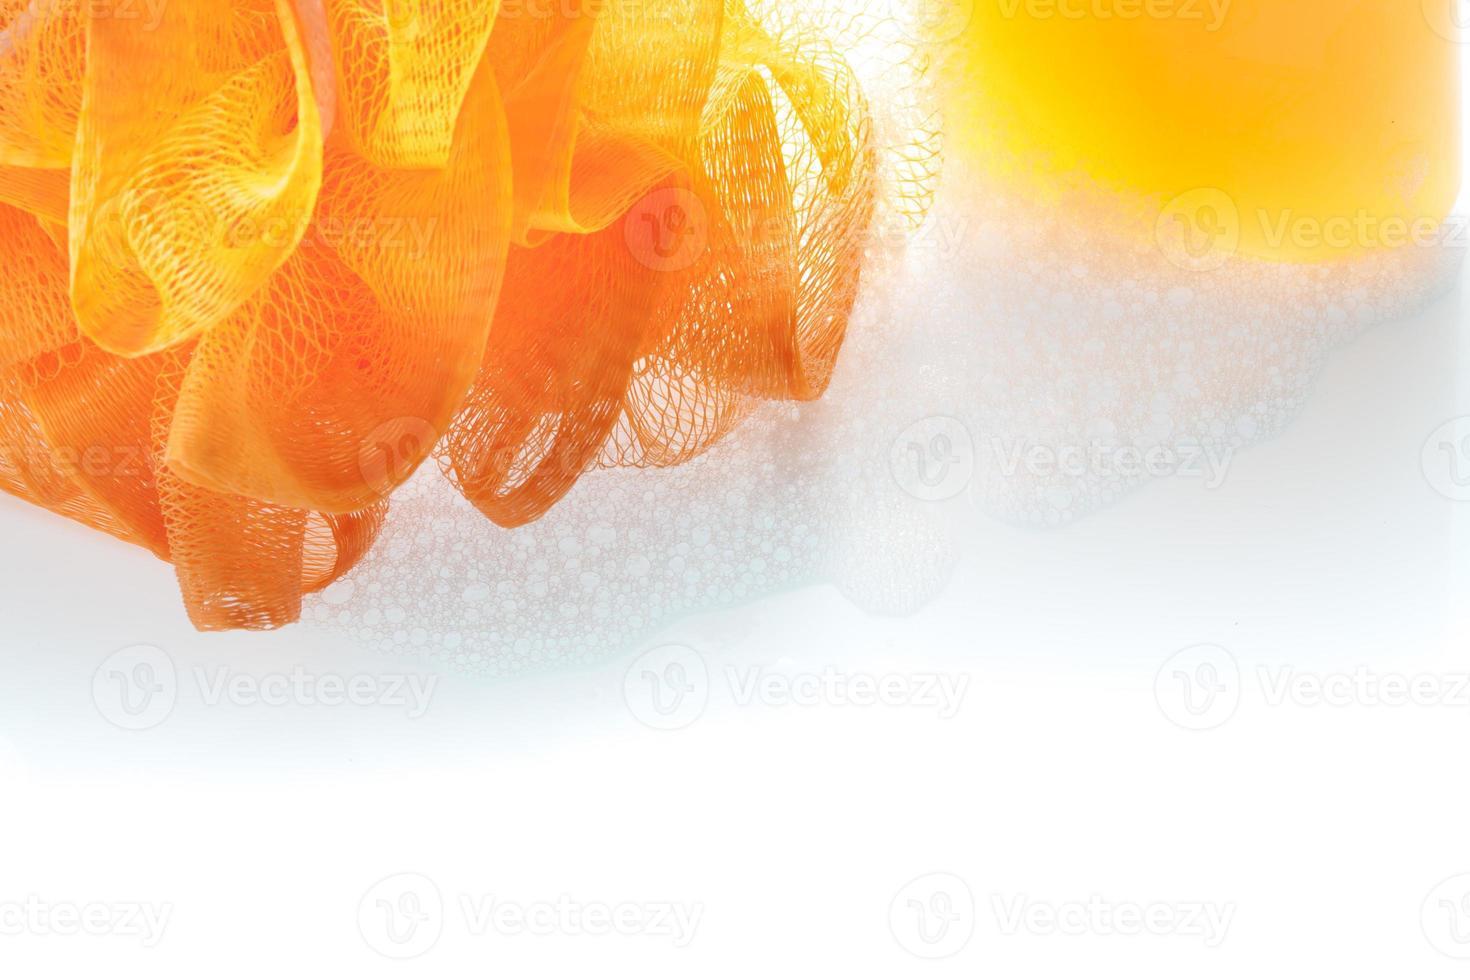 exfoliante de fibra de naranja y gel de ducha con burbuja en blanco foto